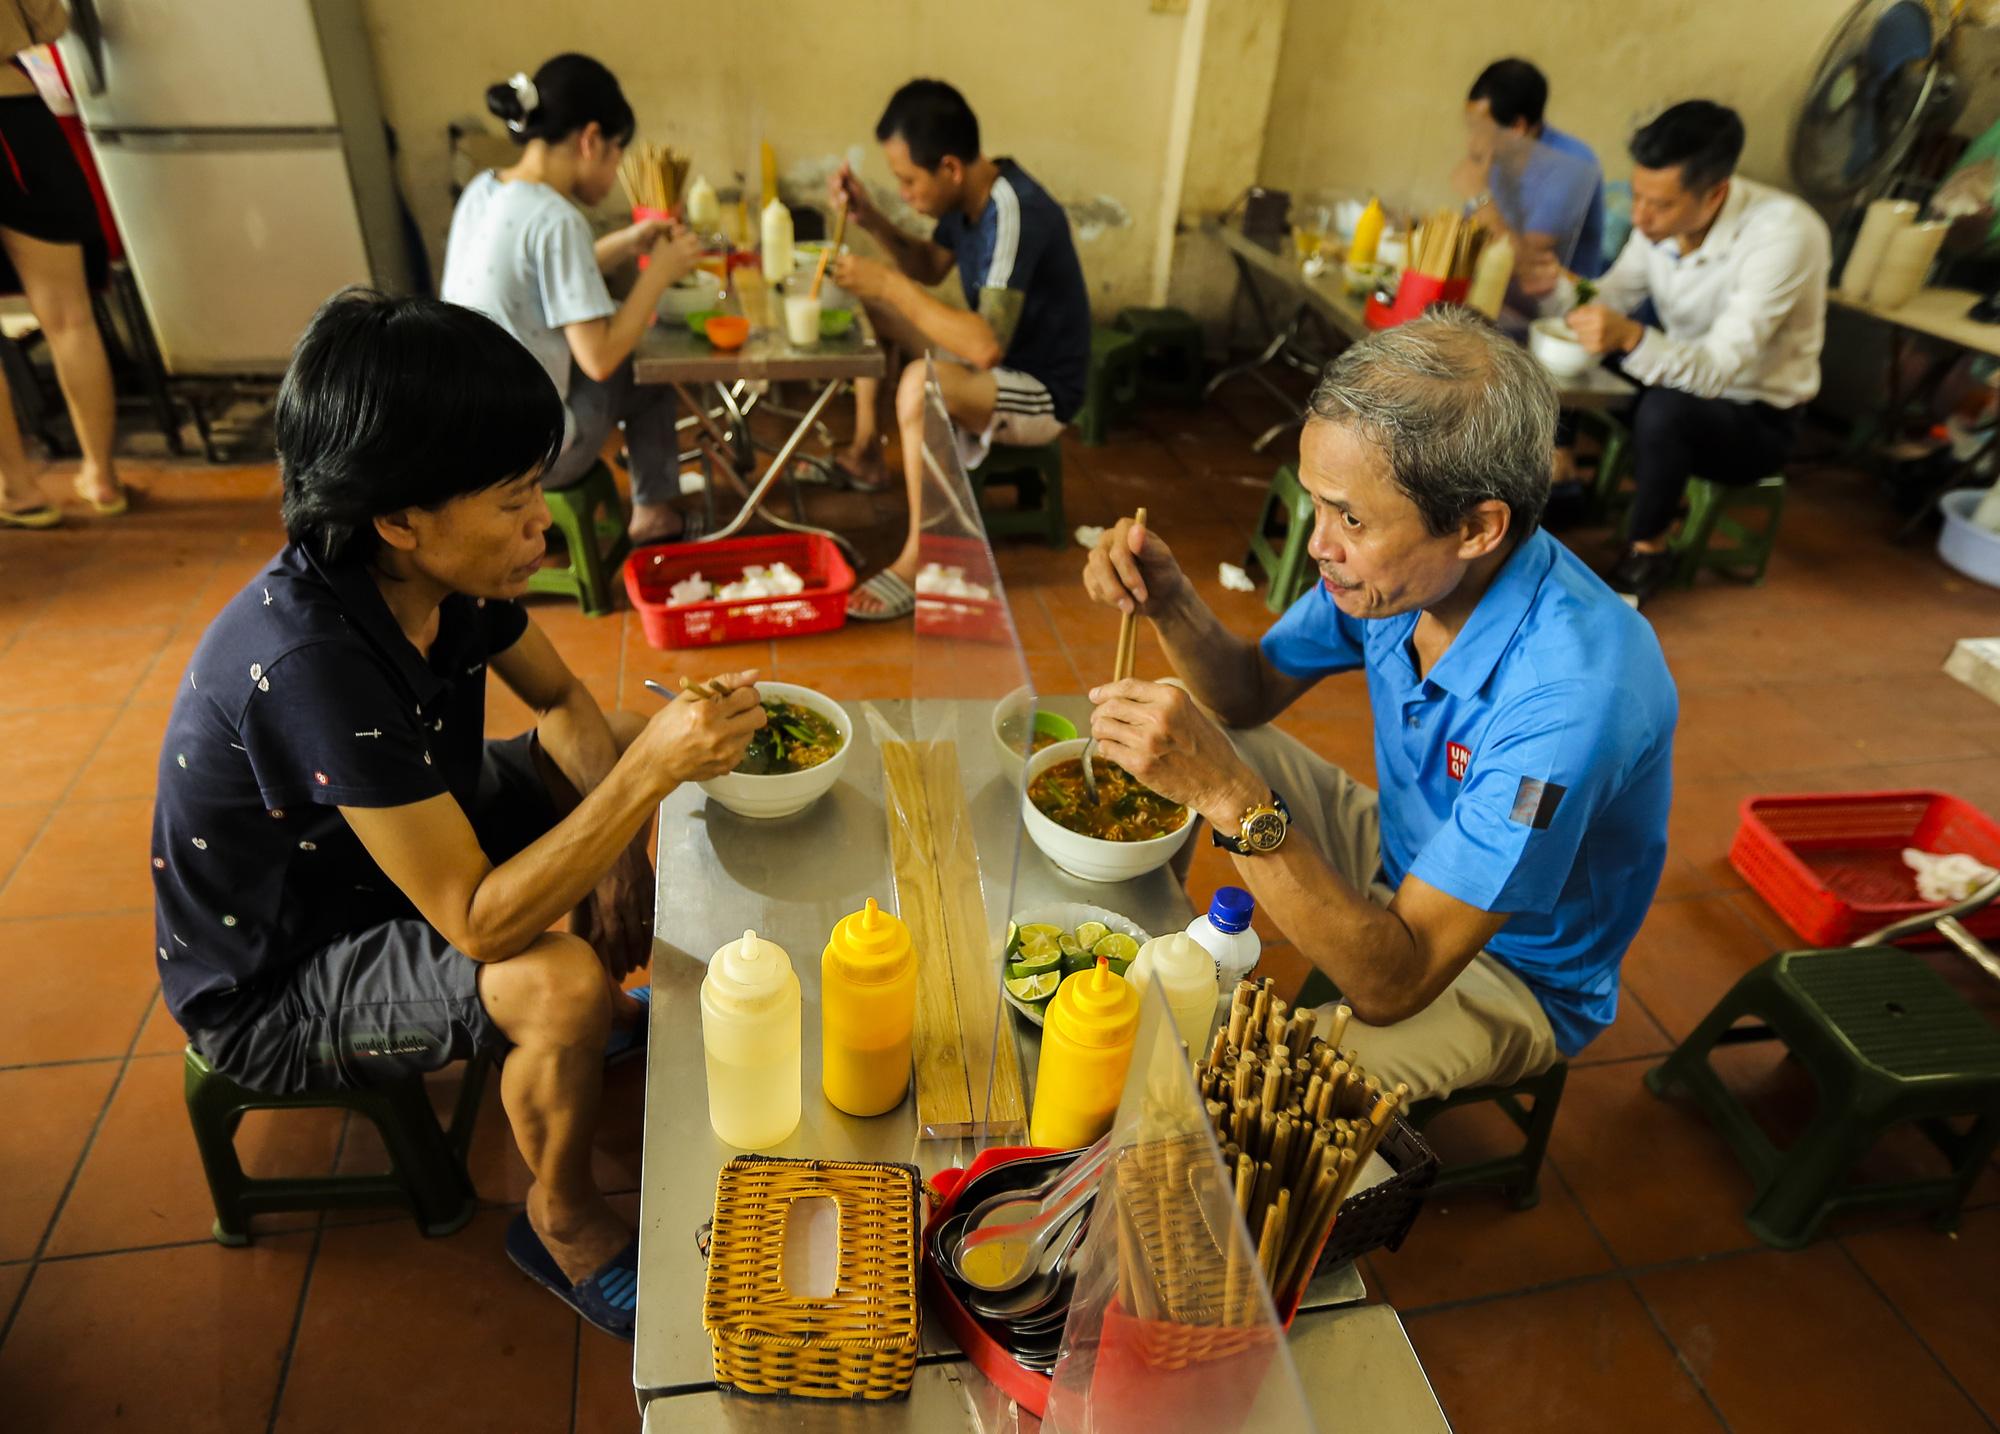 Hà Nội: Quán ăn, cà phê, tiệm tóc nhộn nhịp trong ngày đầu hoạt động trở lại - Ảnh 1.